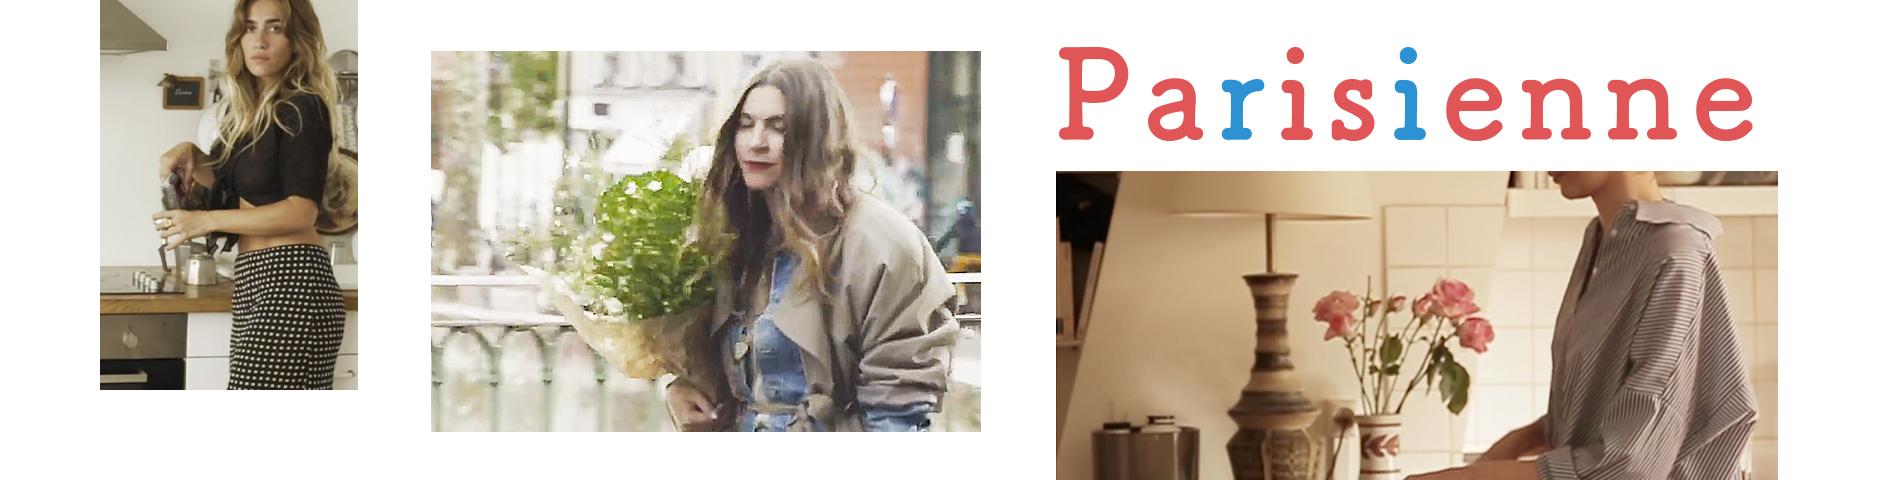 パリジェンヌの日常を覗き見